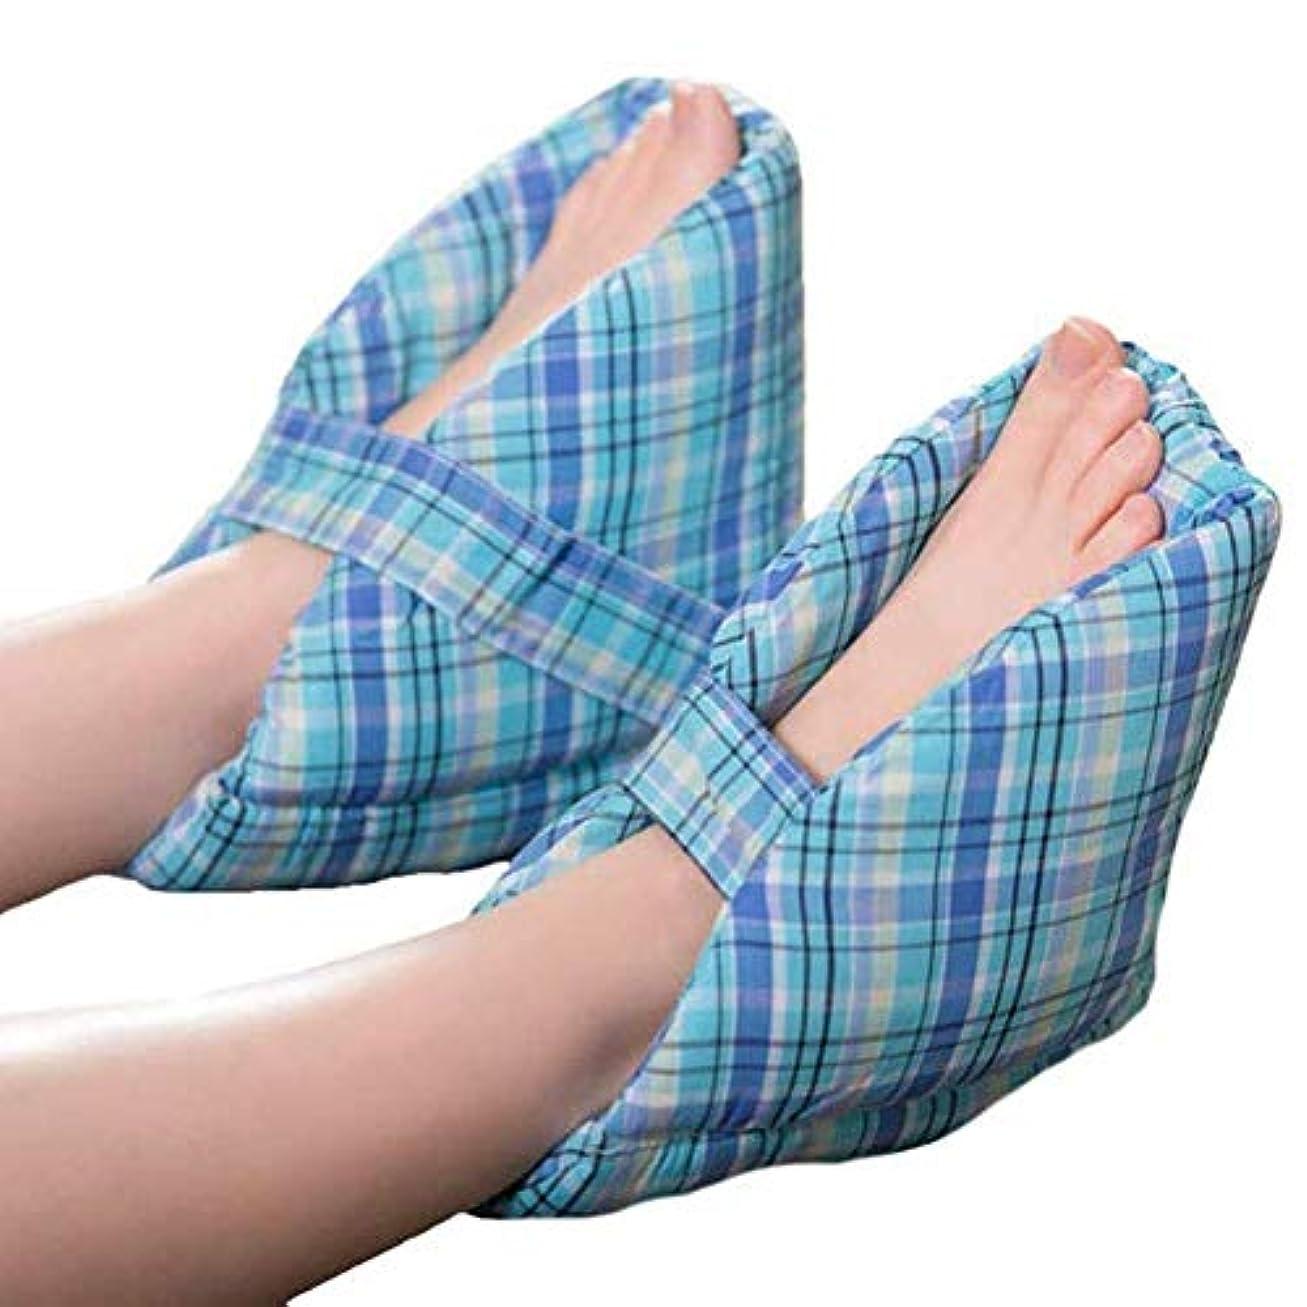 ダイアクリティカル団結する応用かかとプロテクター柔らかく快適な履き心地により、足の枕、かかとのクッション、かかとの保護、1ペアが見つかります